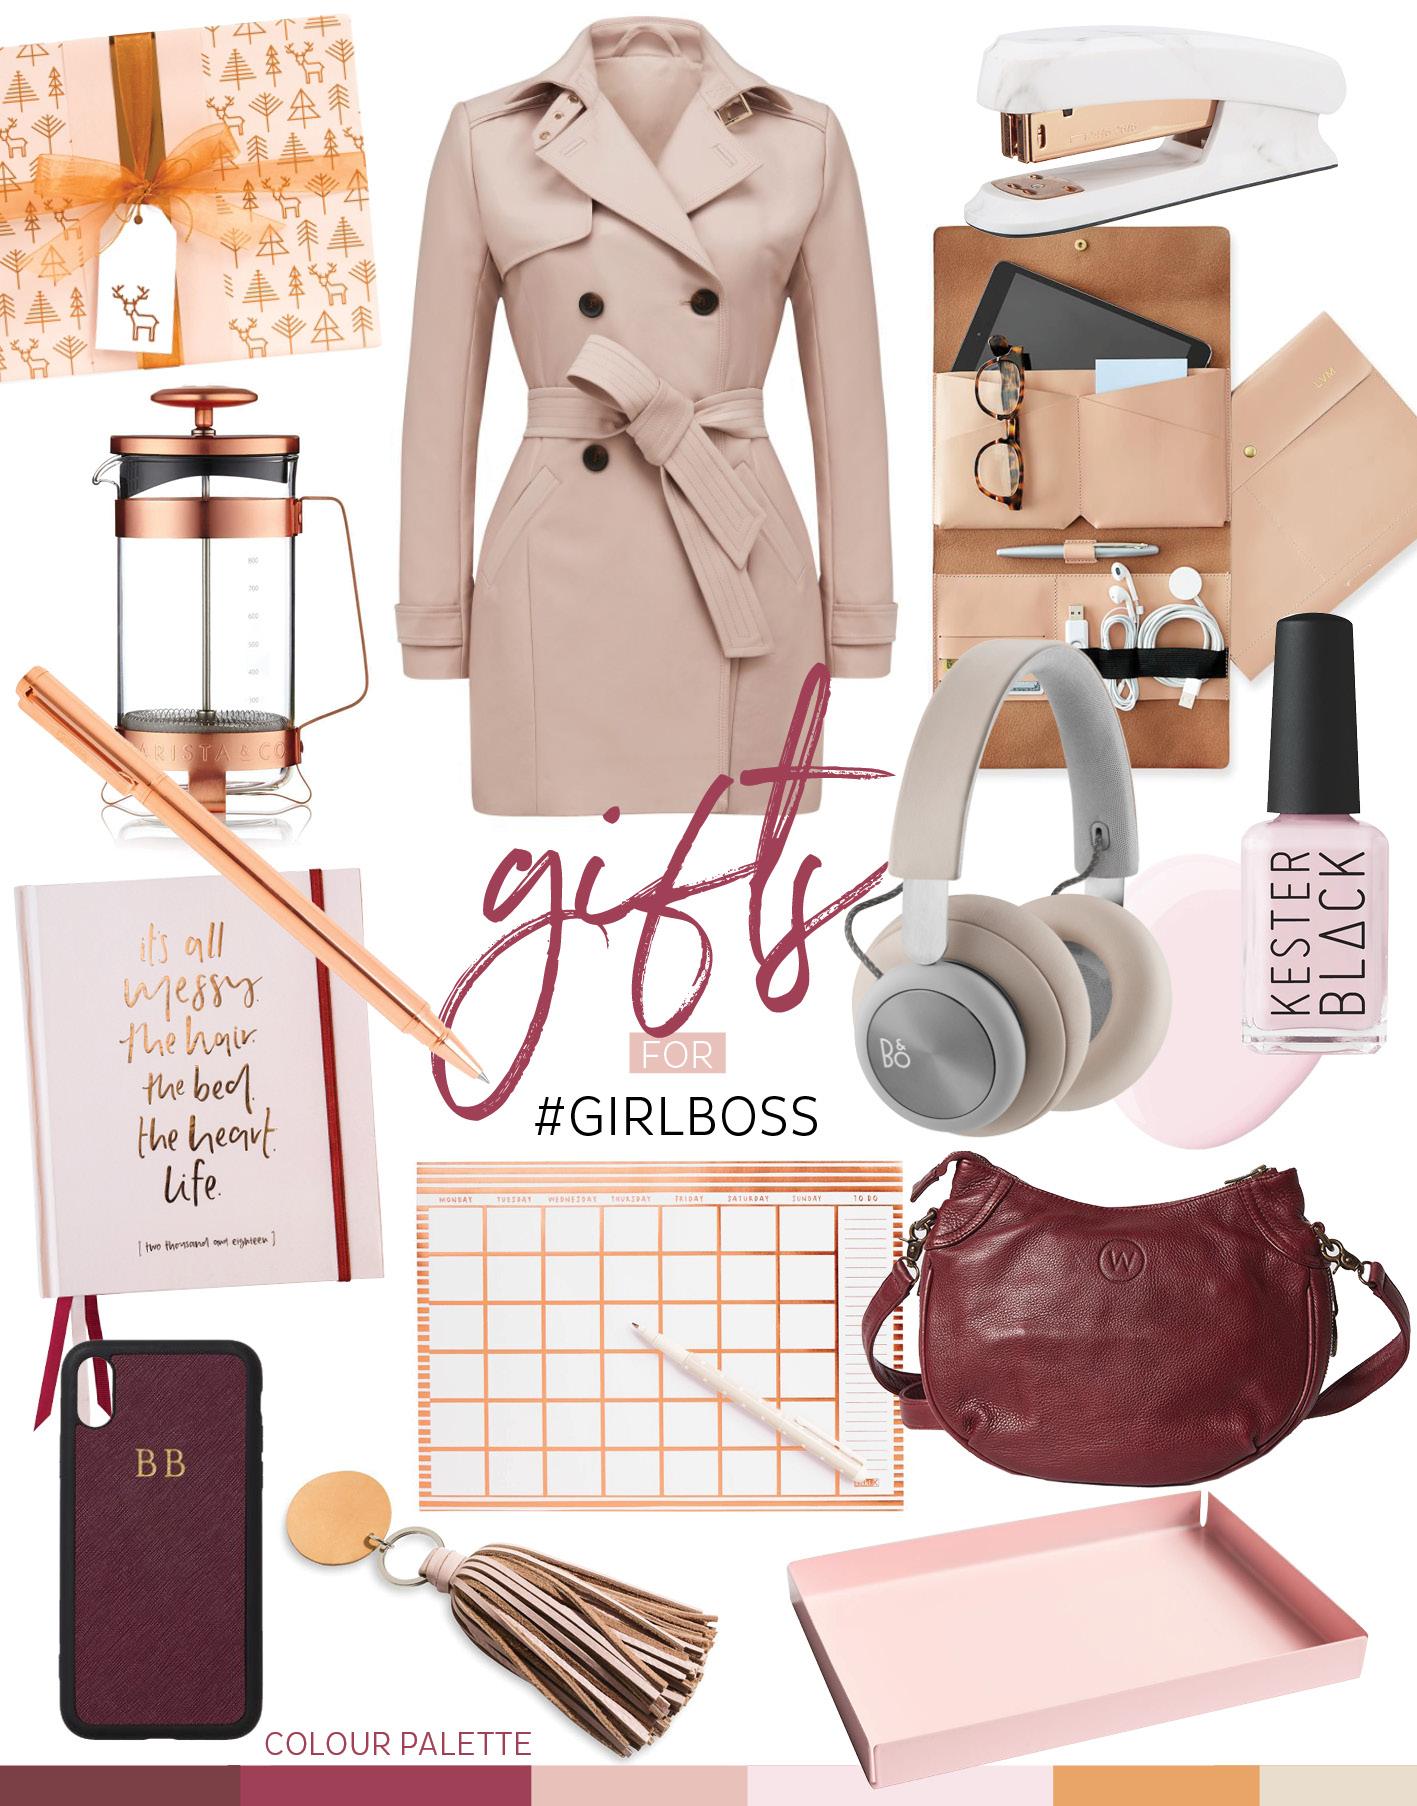 adore_home_magazine_christmas-gift-guide_girlboss_entrepreneur.jpg